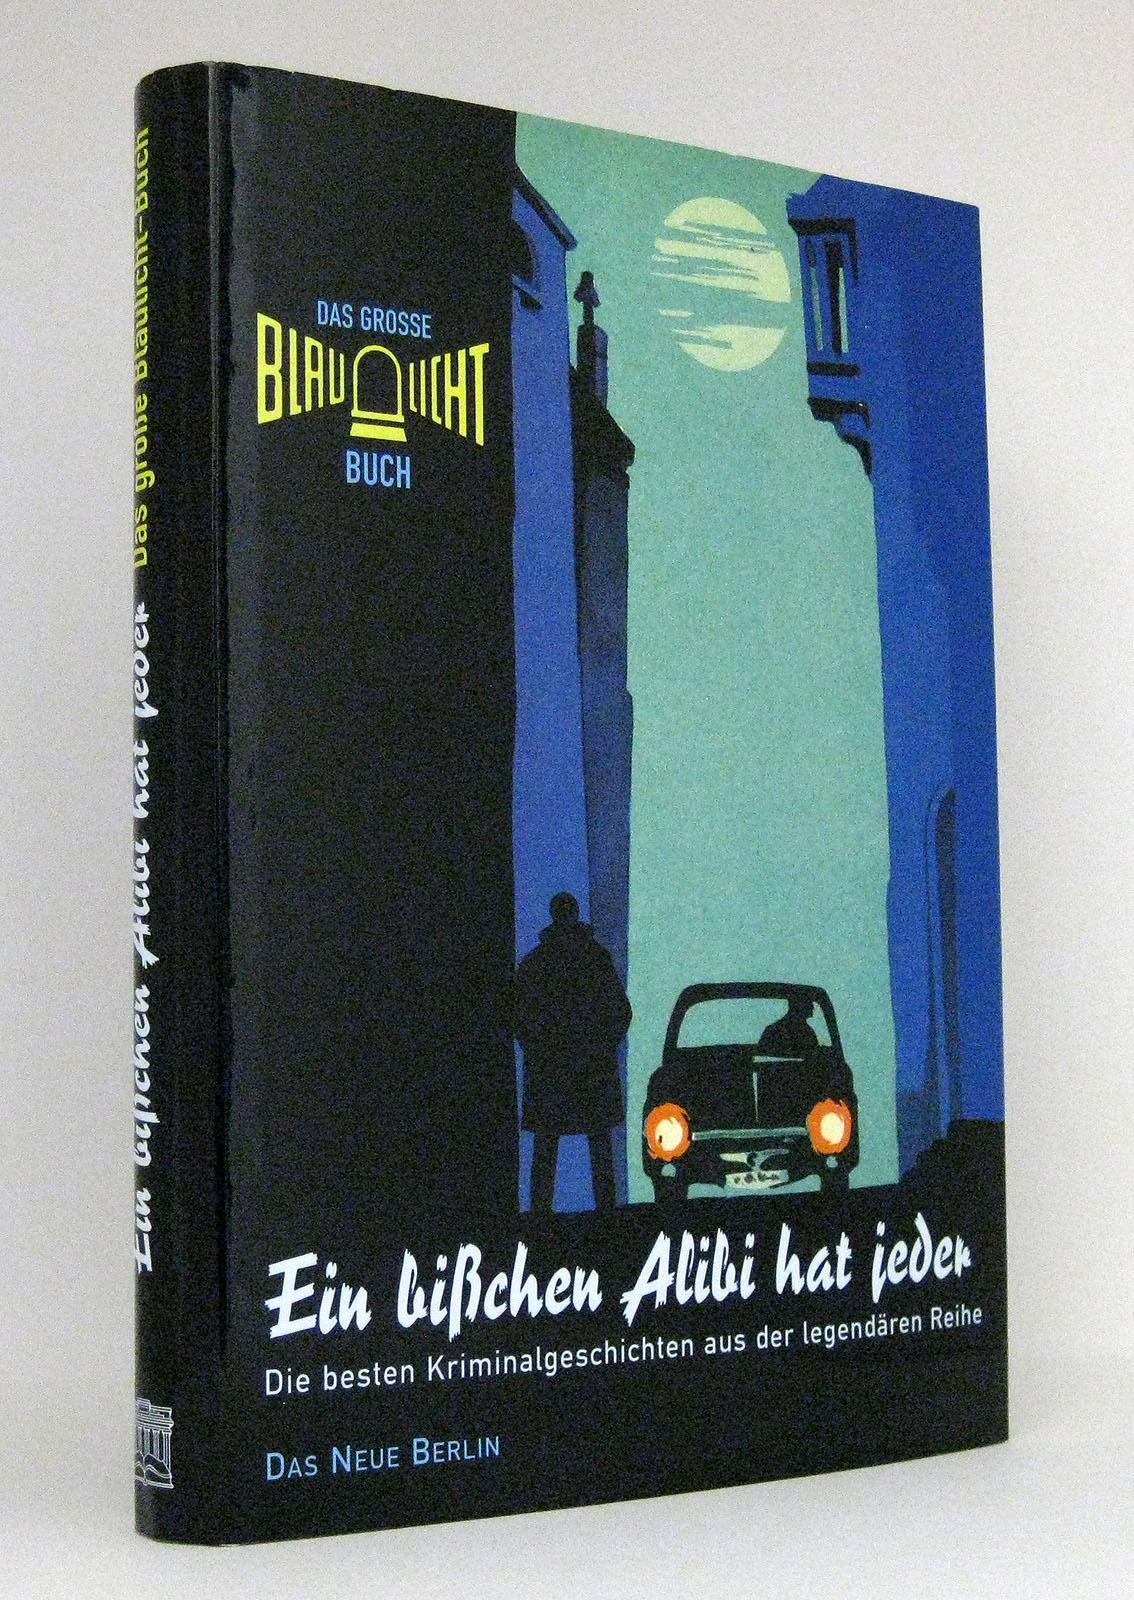 Das grosse Blaulicht Buch: Ein bißchen Alibi hat jeder. Die besten Kriminalgeschichte aus der legendären Reihe